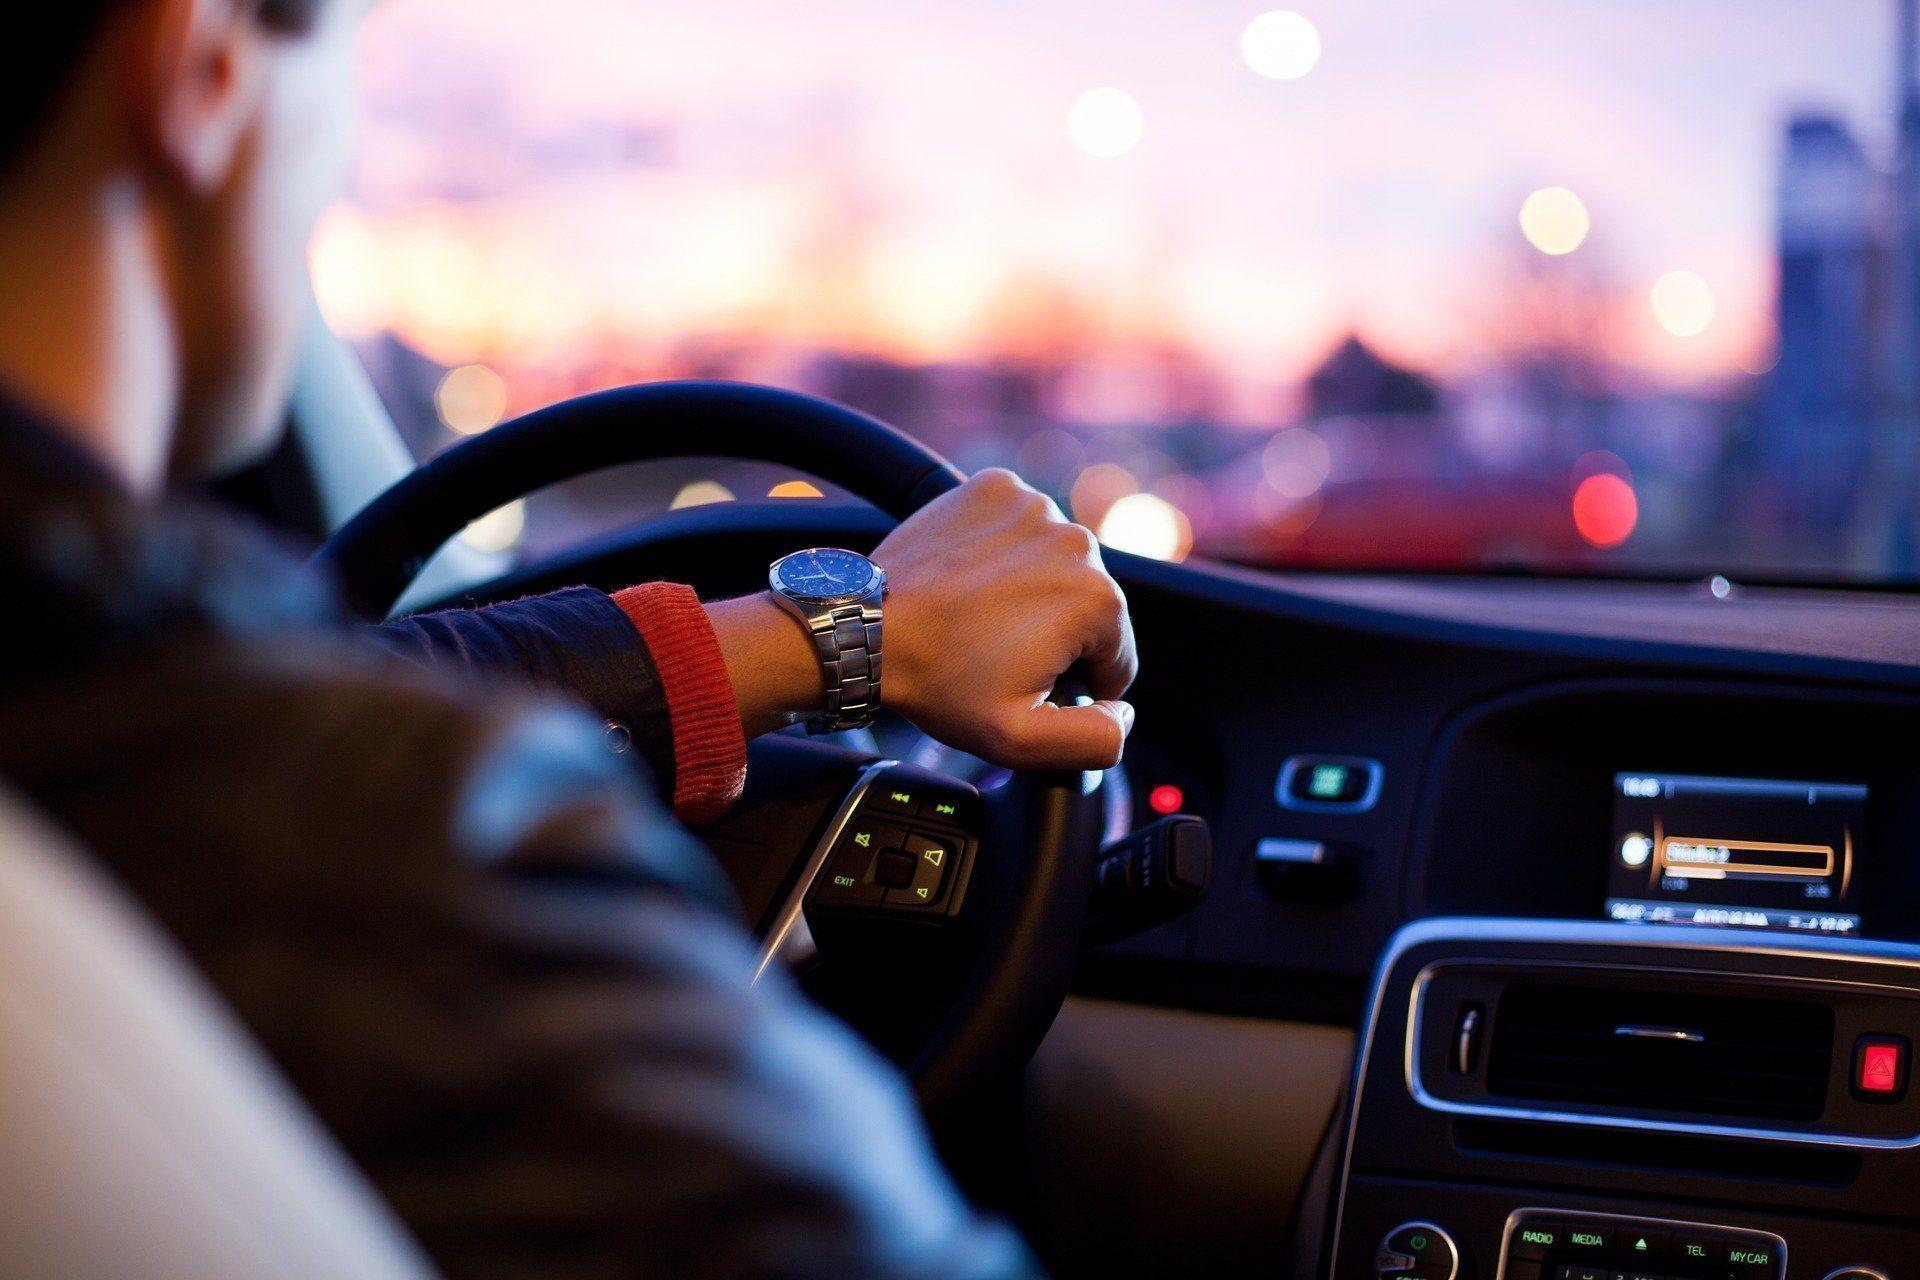 Cancelar Turno Licencia De Conducir